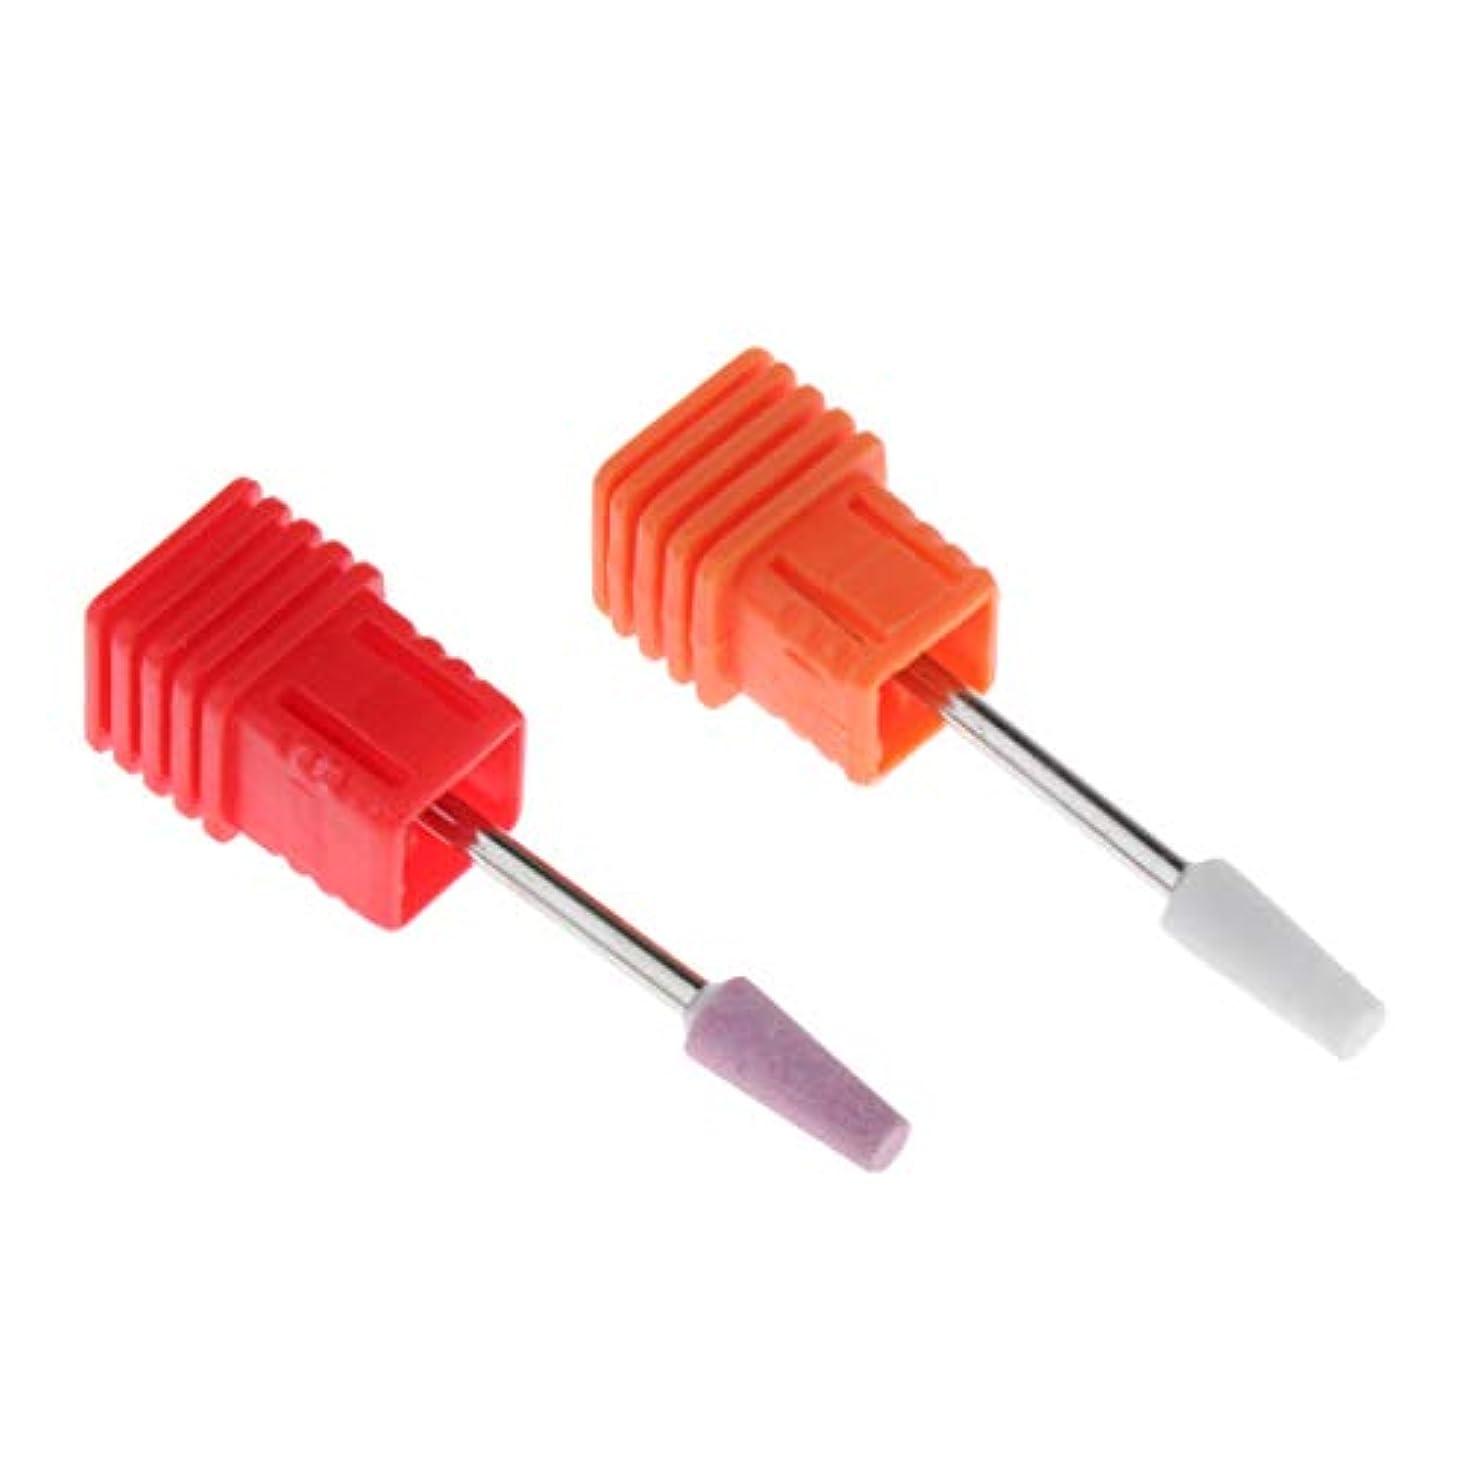 こだわりベスビオ山ピア爪 磨き ヘッド 電動研磨ヘッド ネイル グラインド ヘッド 優れた熱放散 耐摩耗性 2個 全6選択 - ホワイト+ピンク